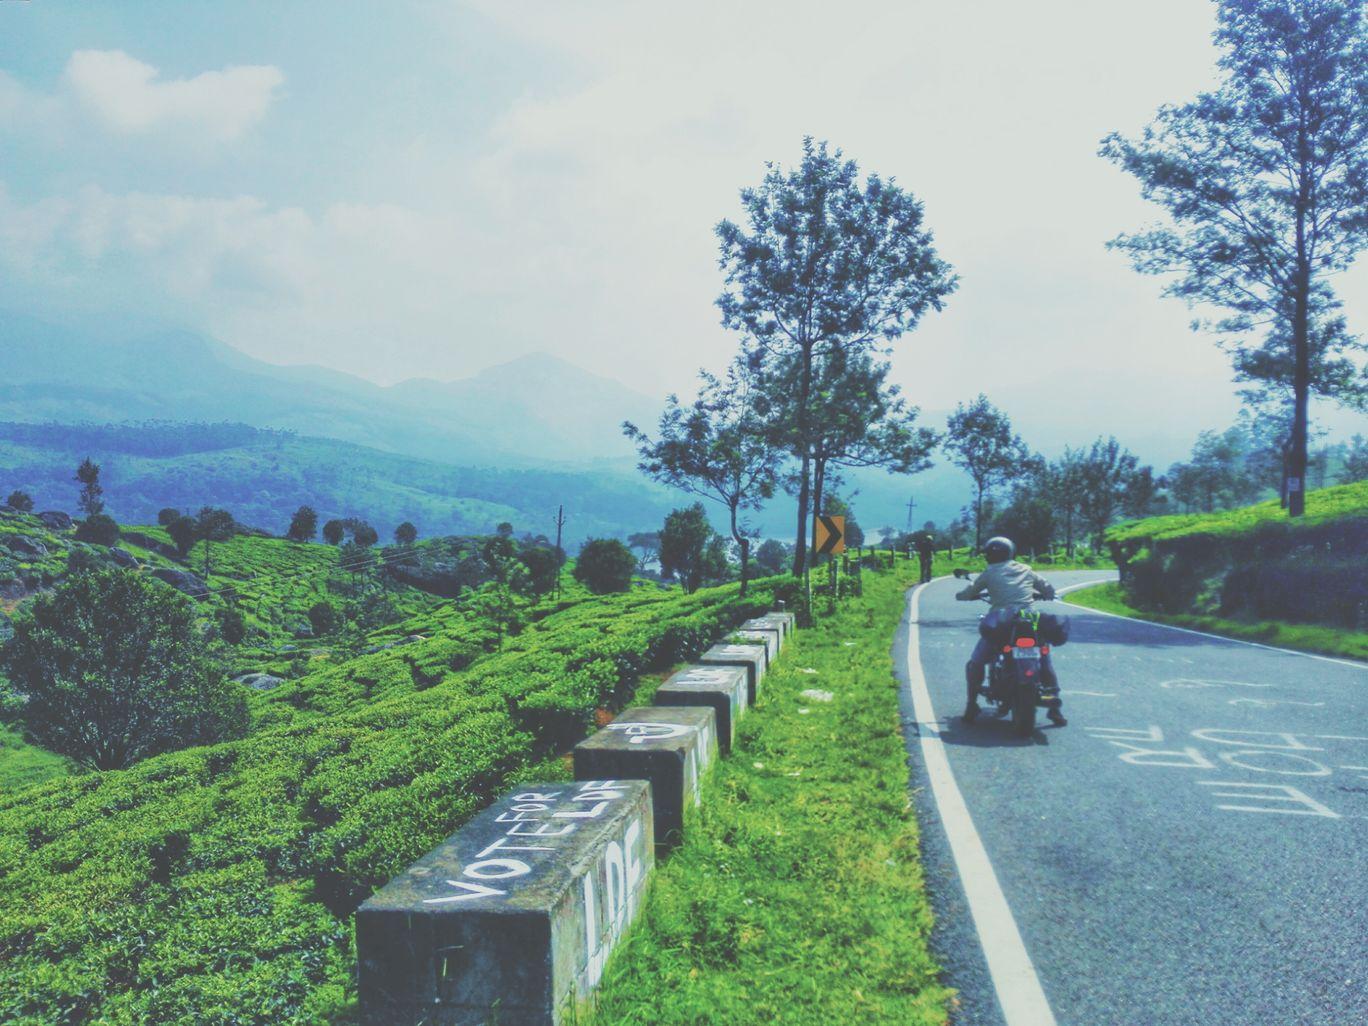 Photo of Trivandrum By Karthik lal Nellikkattil